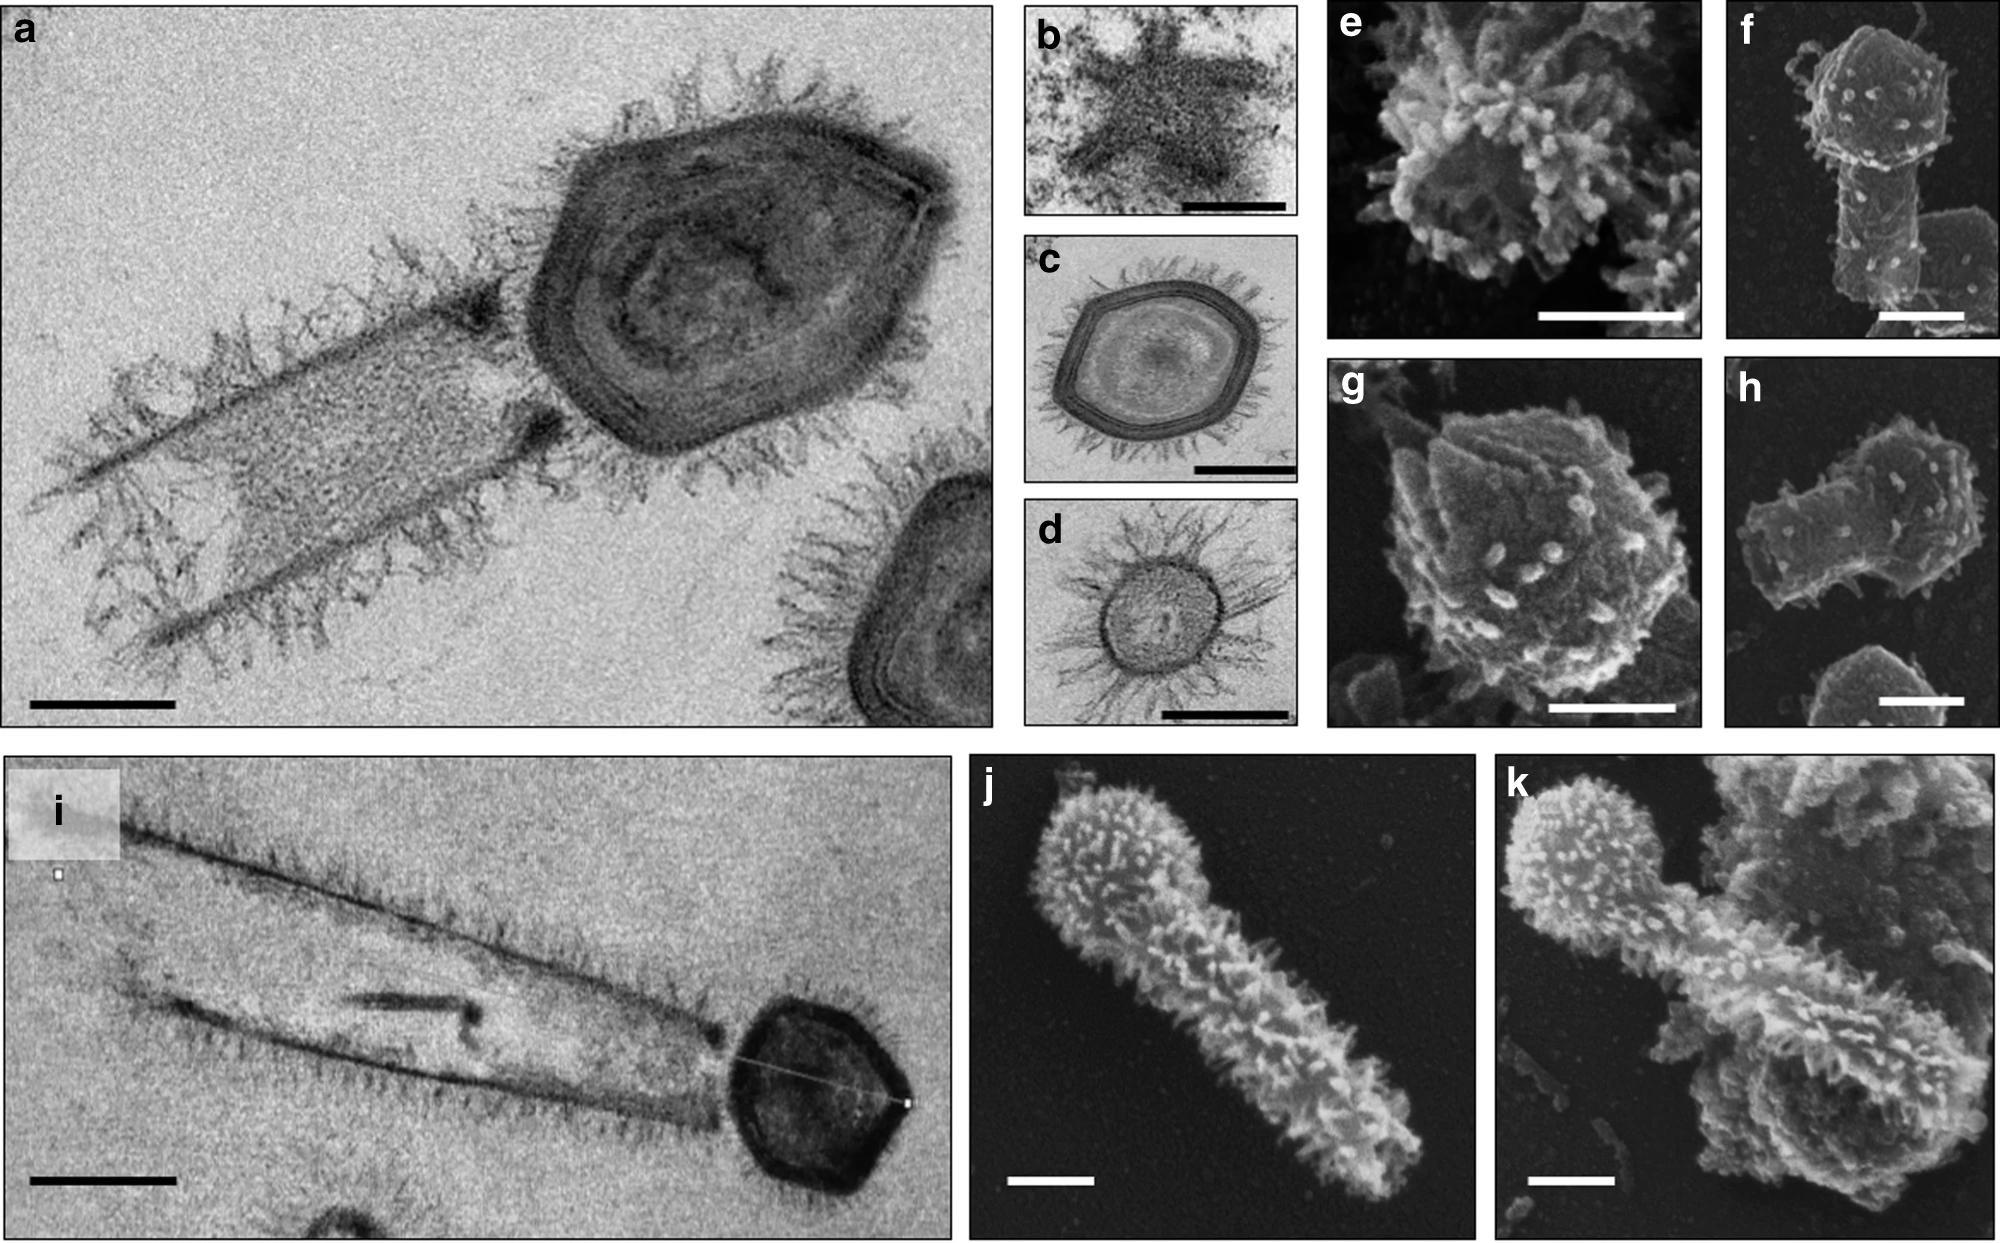 Тупанвирусы оказались обладателями гигантского «хвоста» и рекордно большого аппарата трансляции